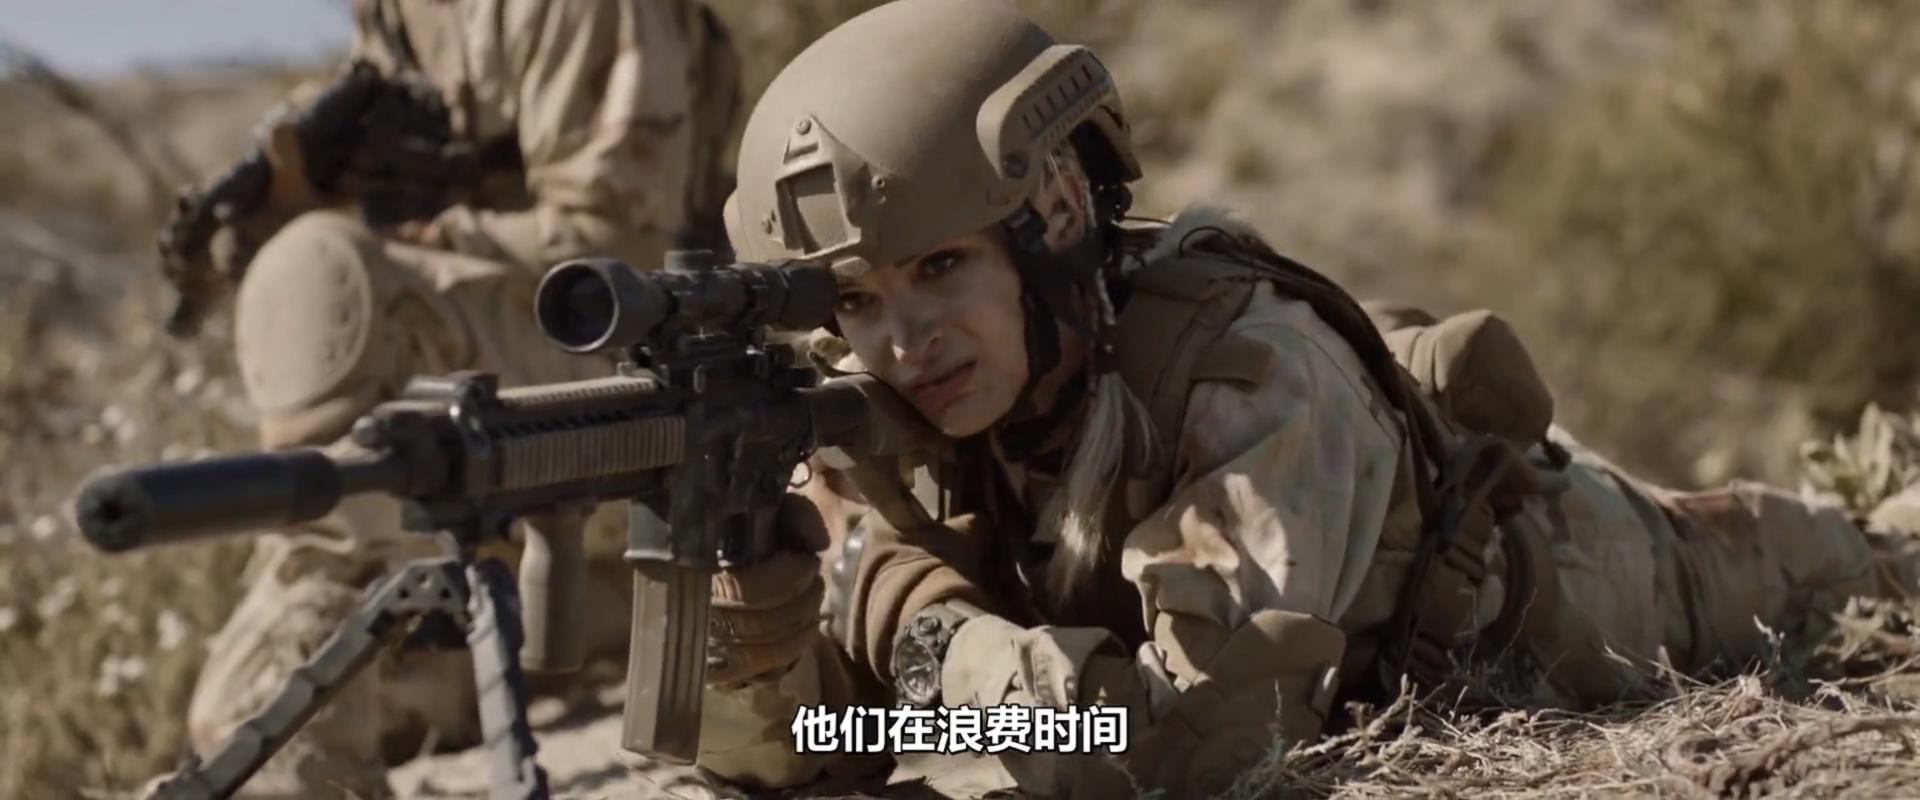 [流氓战争2:狩猎行动][英语中字][2019美国动作]-资源下载插图(3)